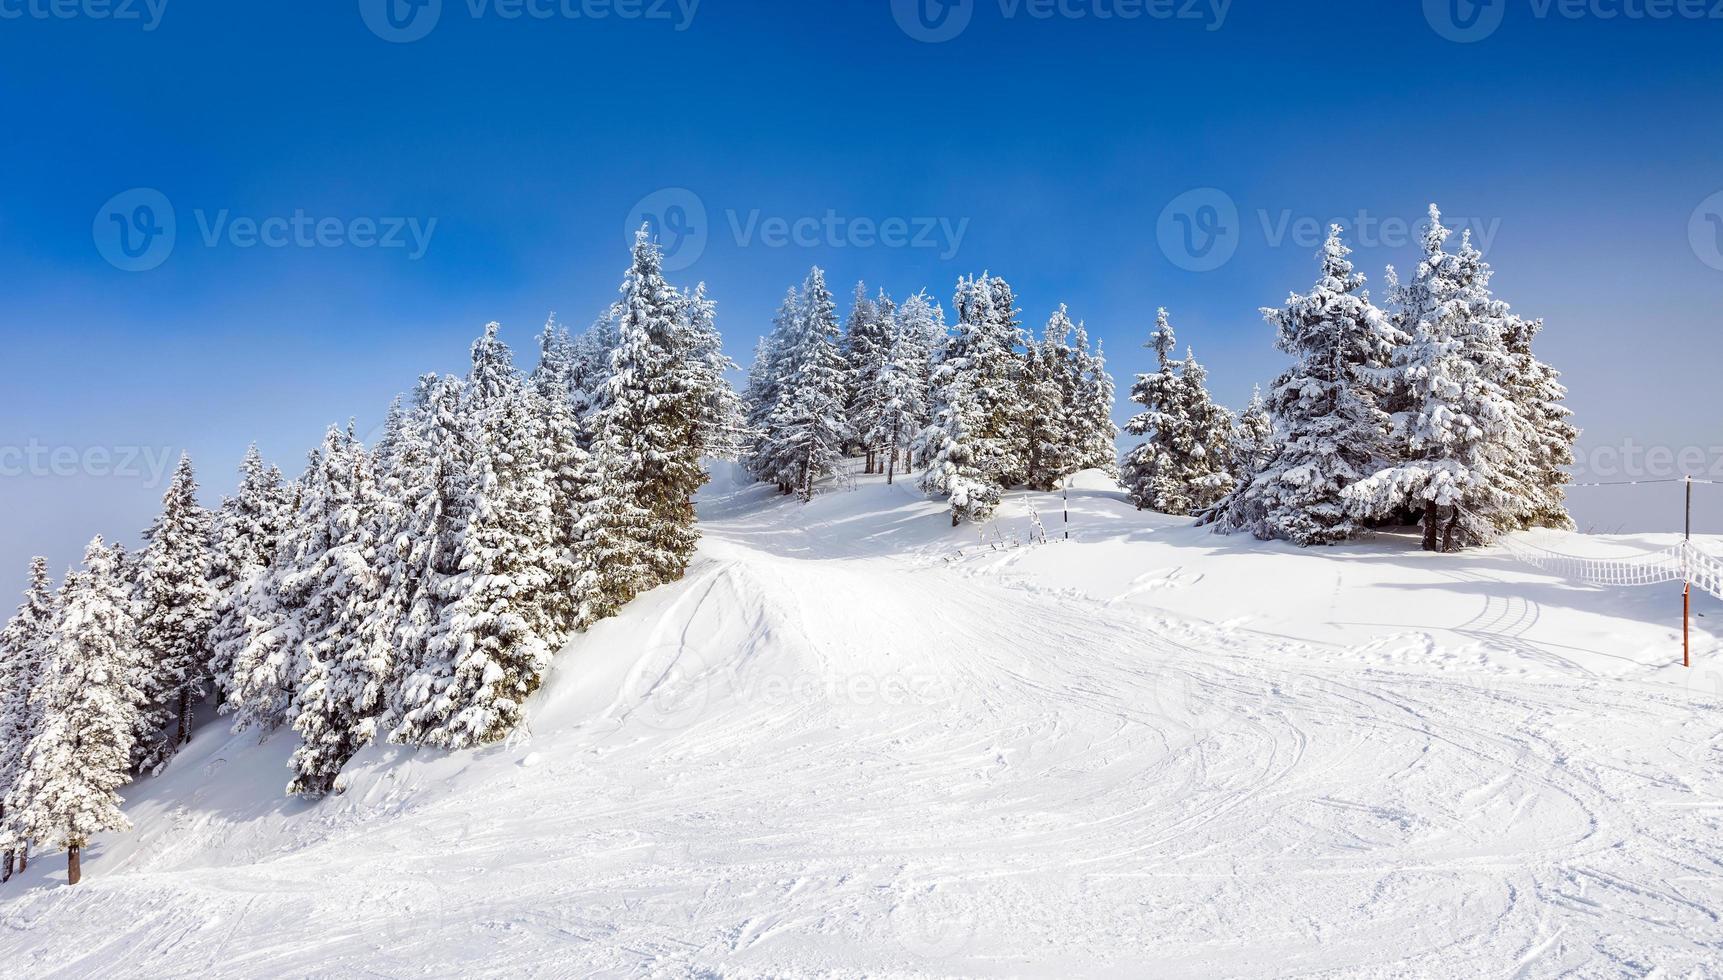 floresta de pinheiros coberta de neve foto